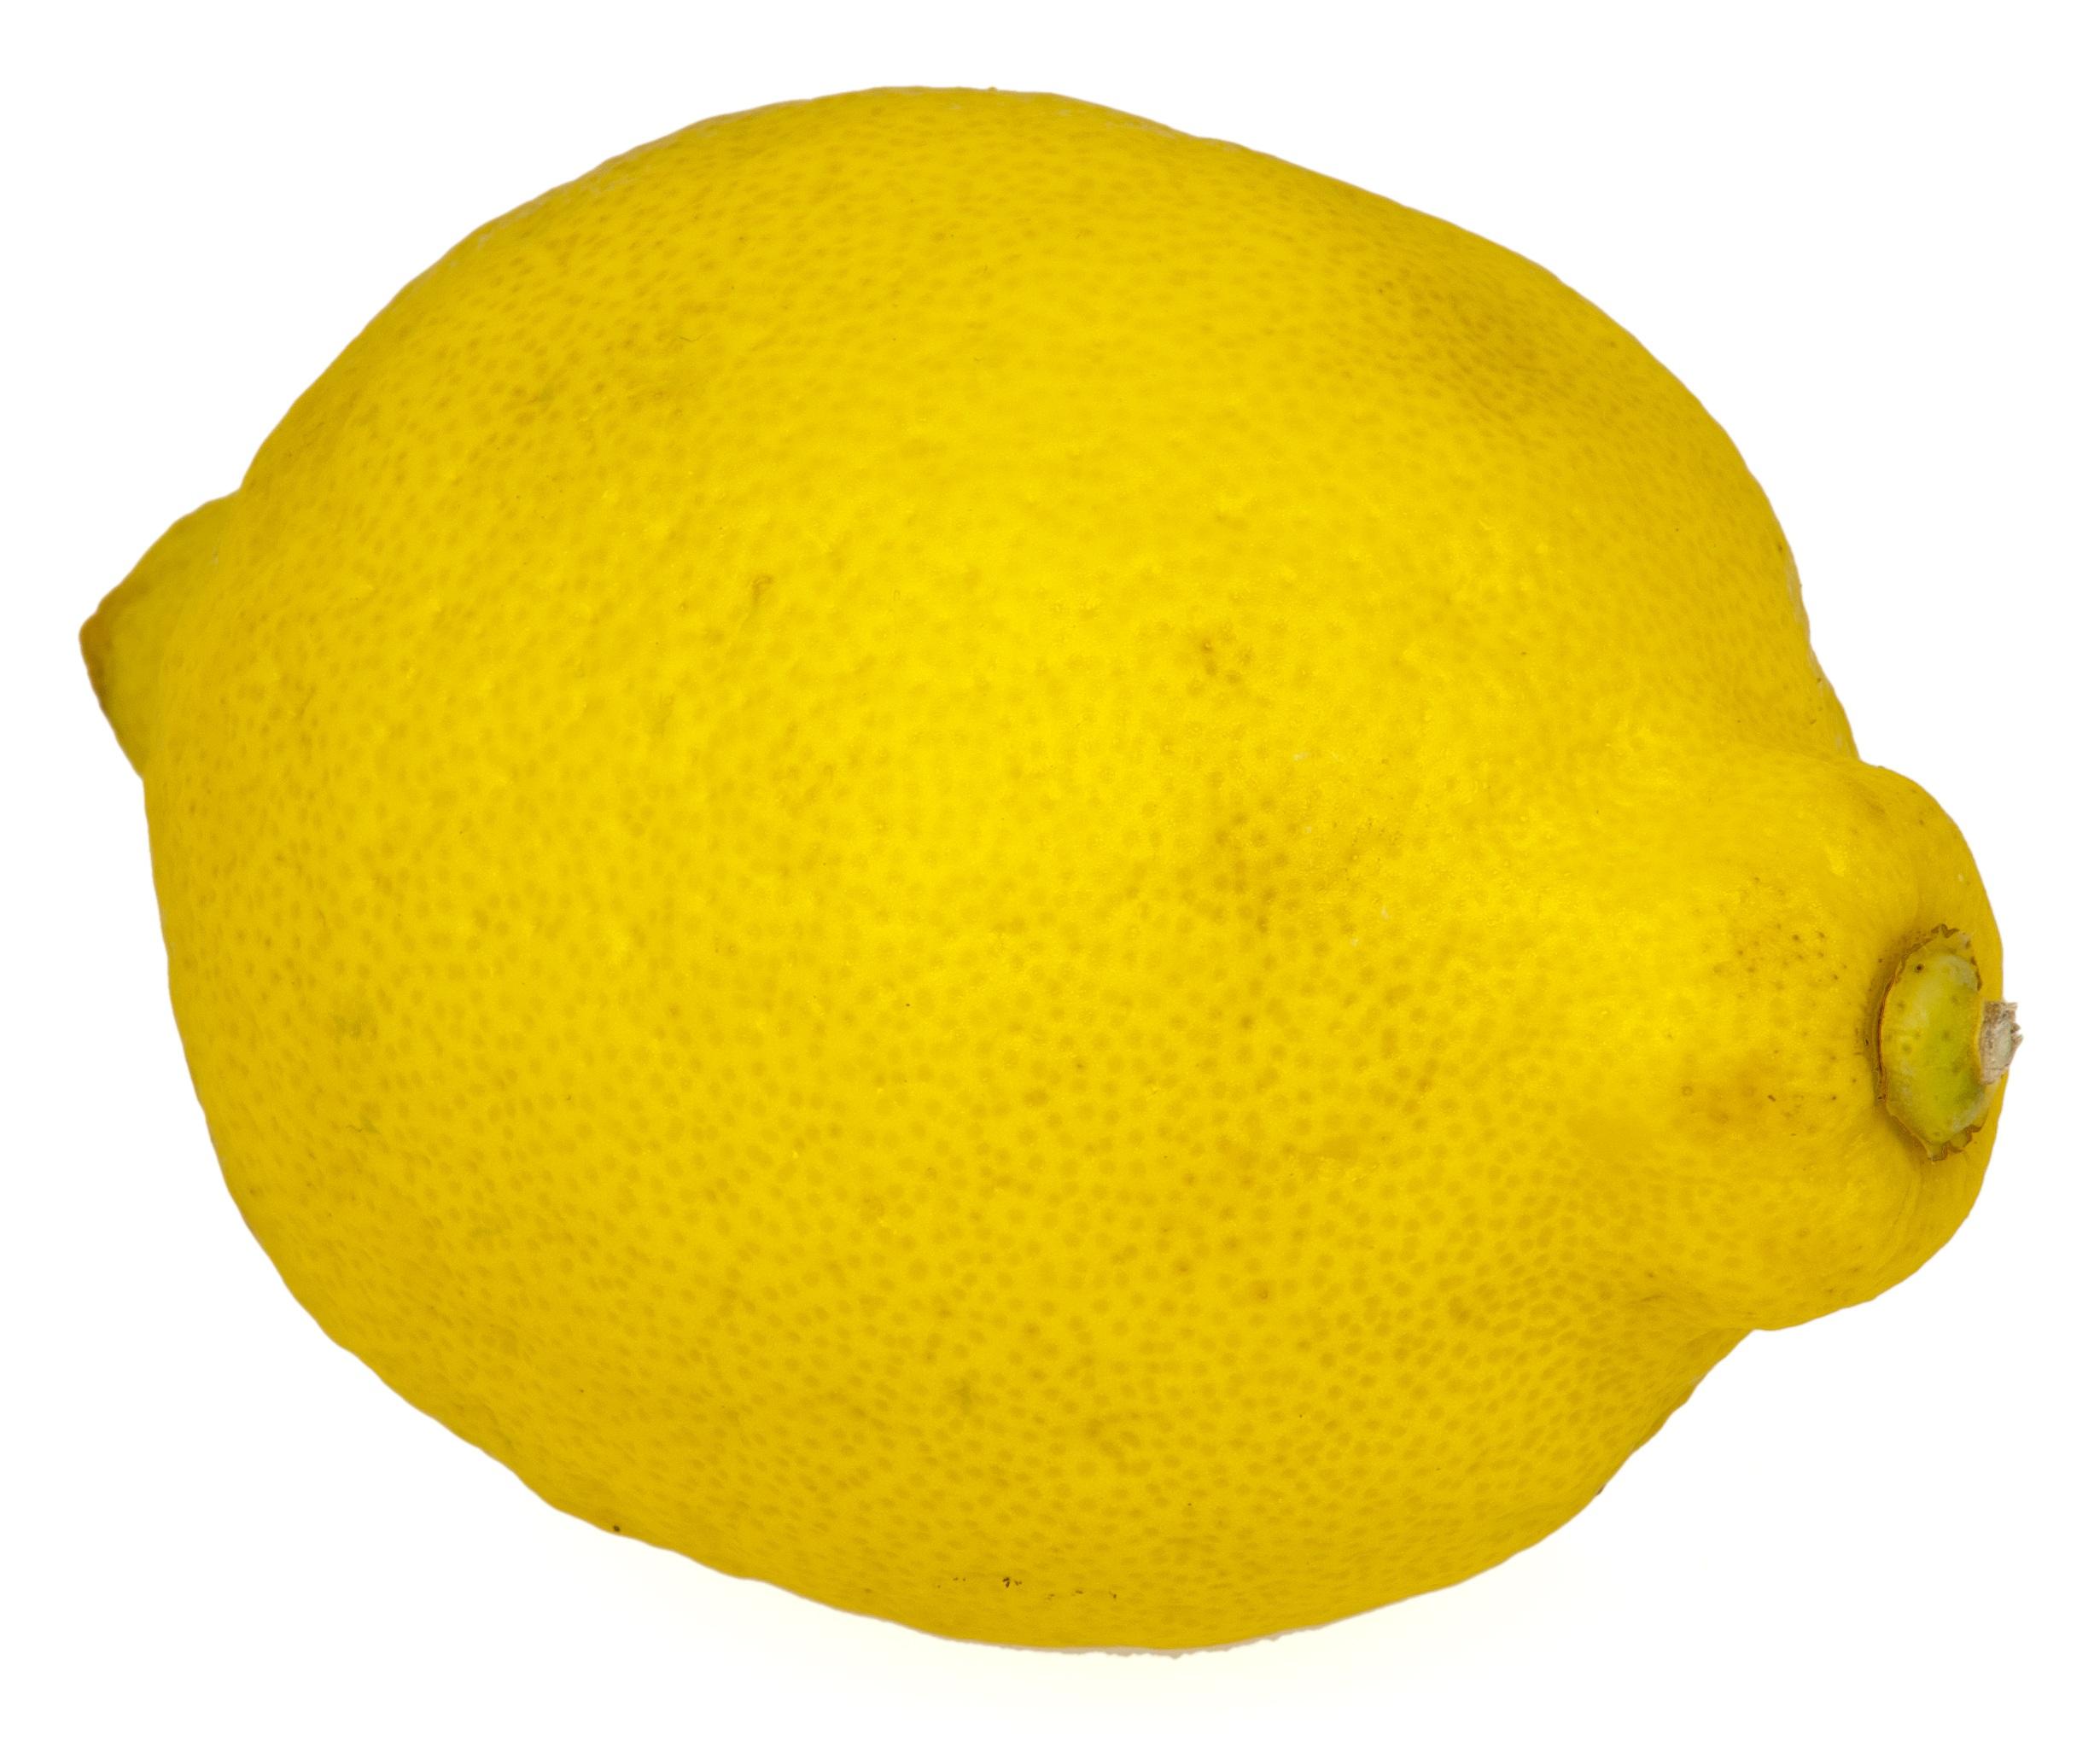 Бананы, лимон картинки для детей на прозрачном фоне